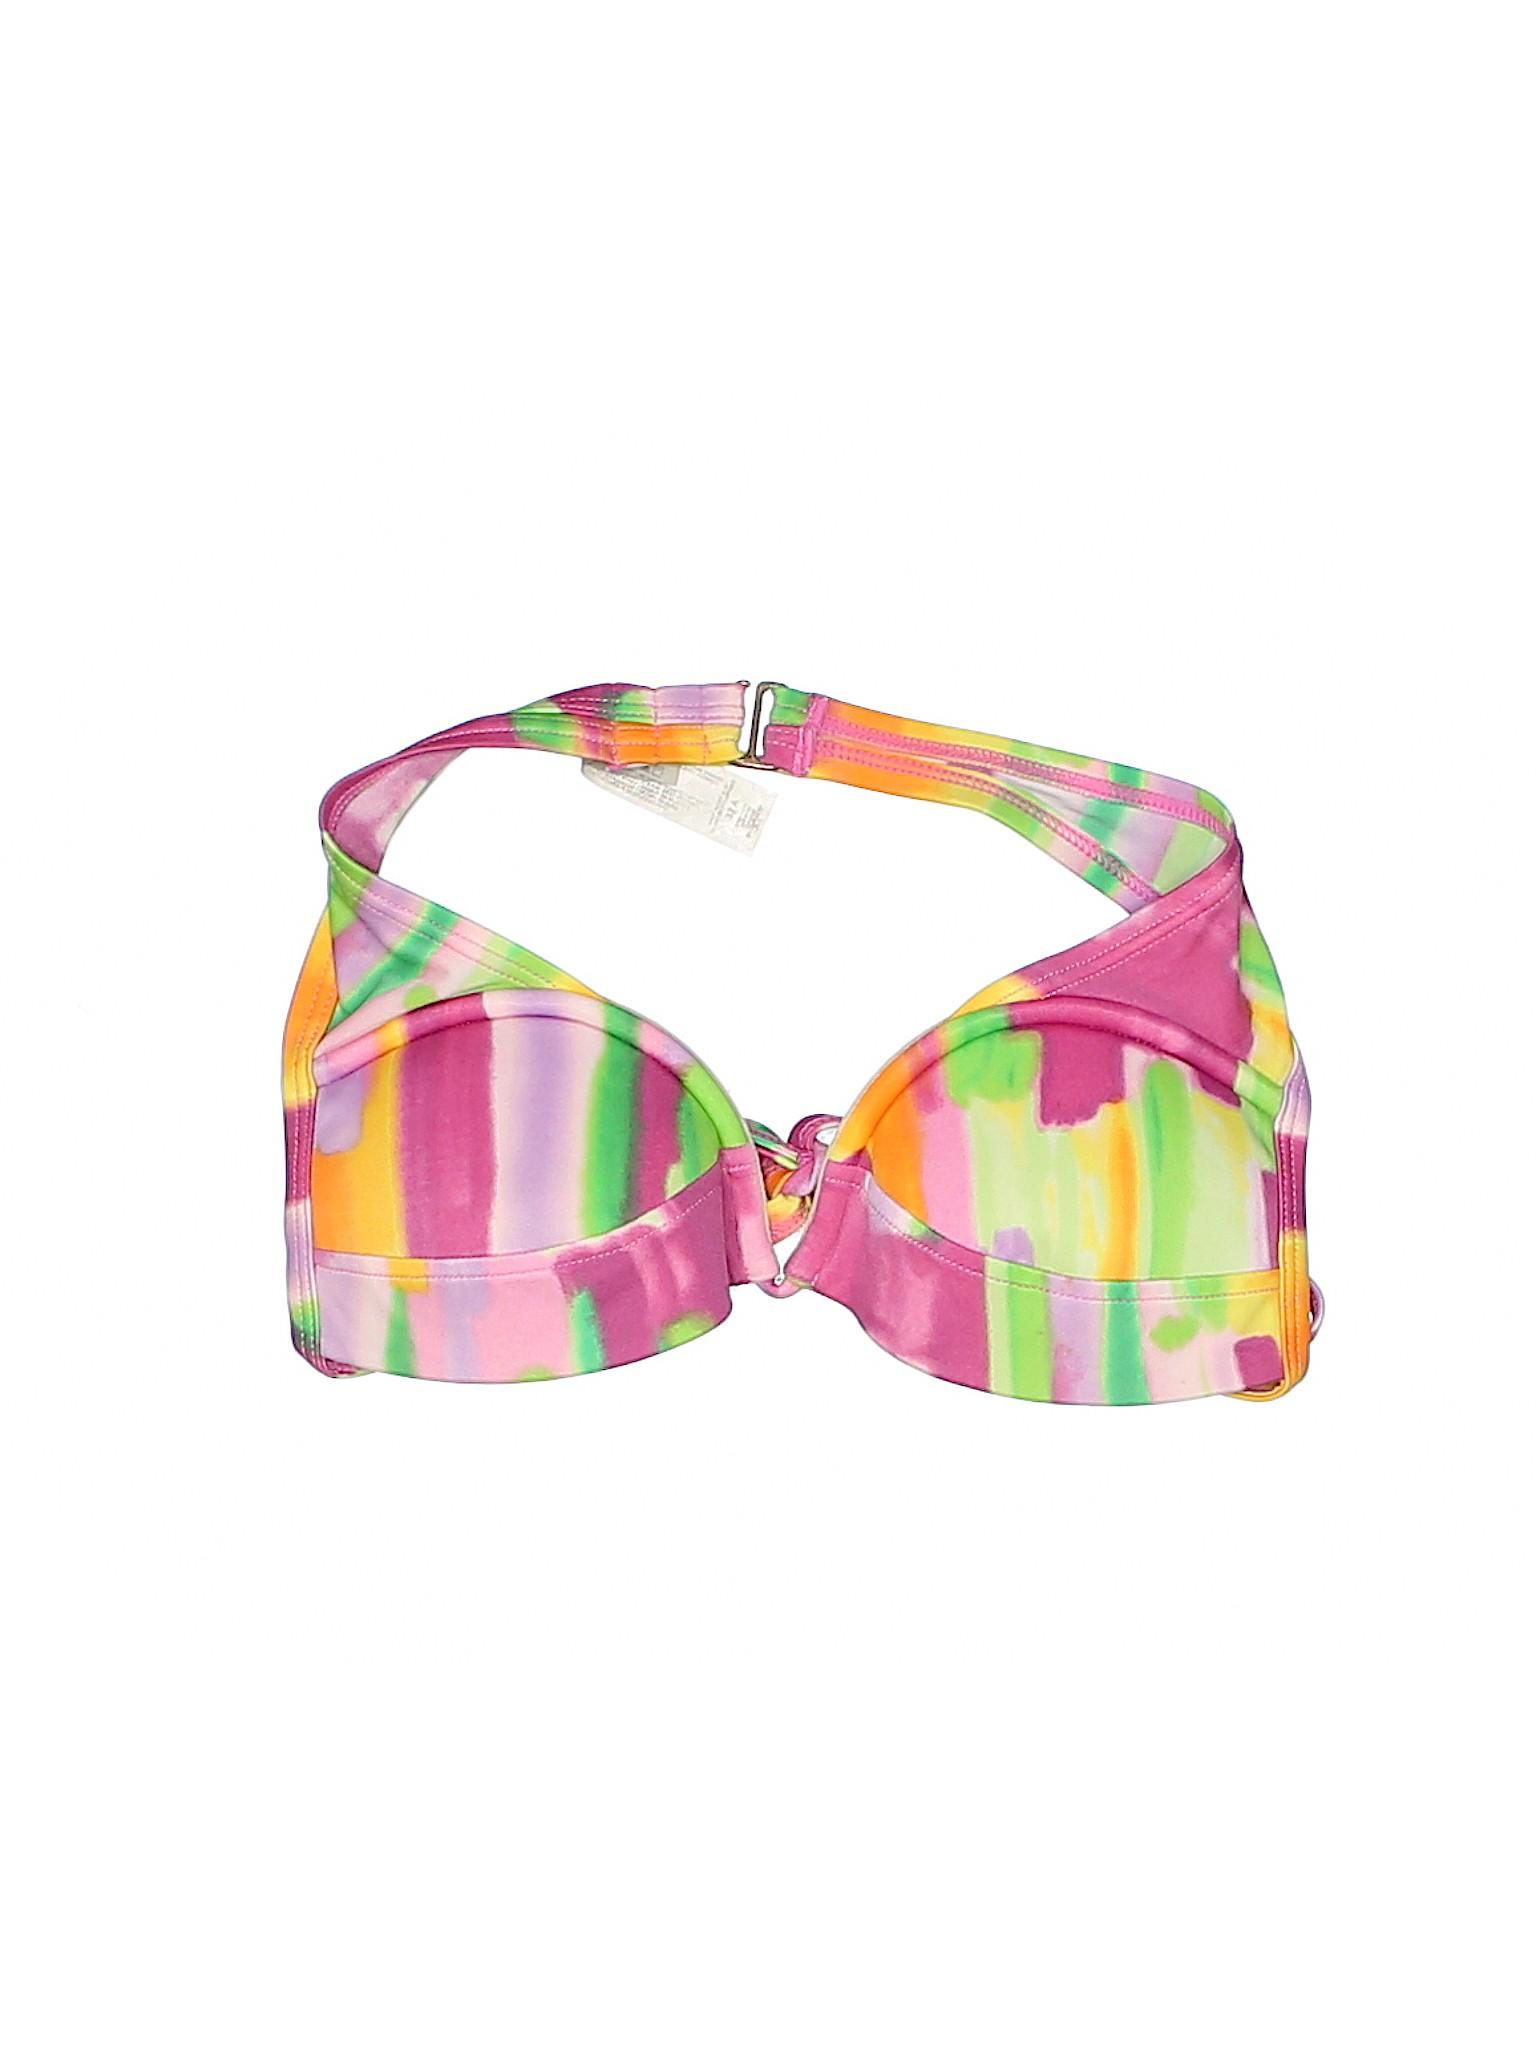 Top Victoria's Boutique Boutique Victoria's Secret Swimsuit Secret q8SpY